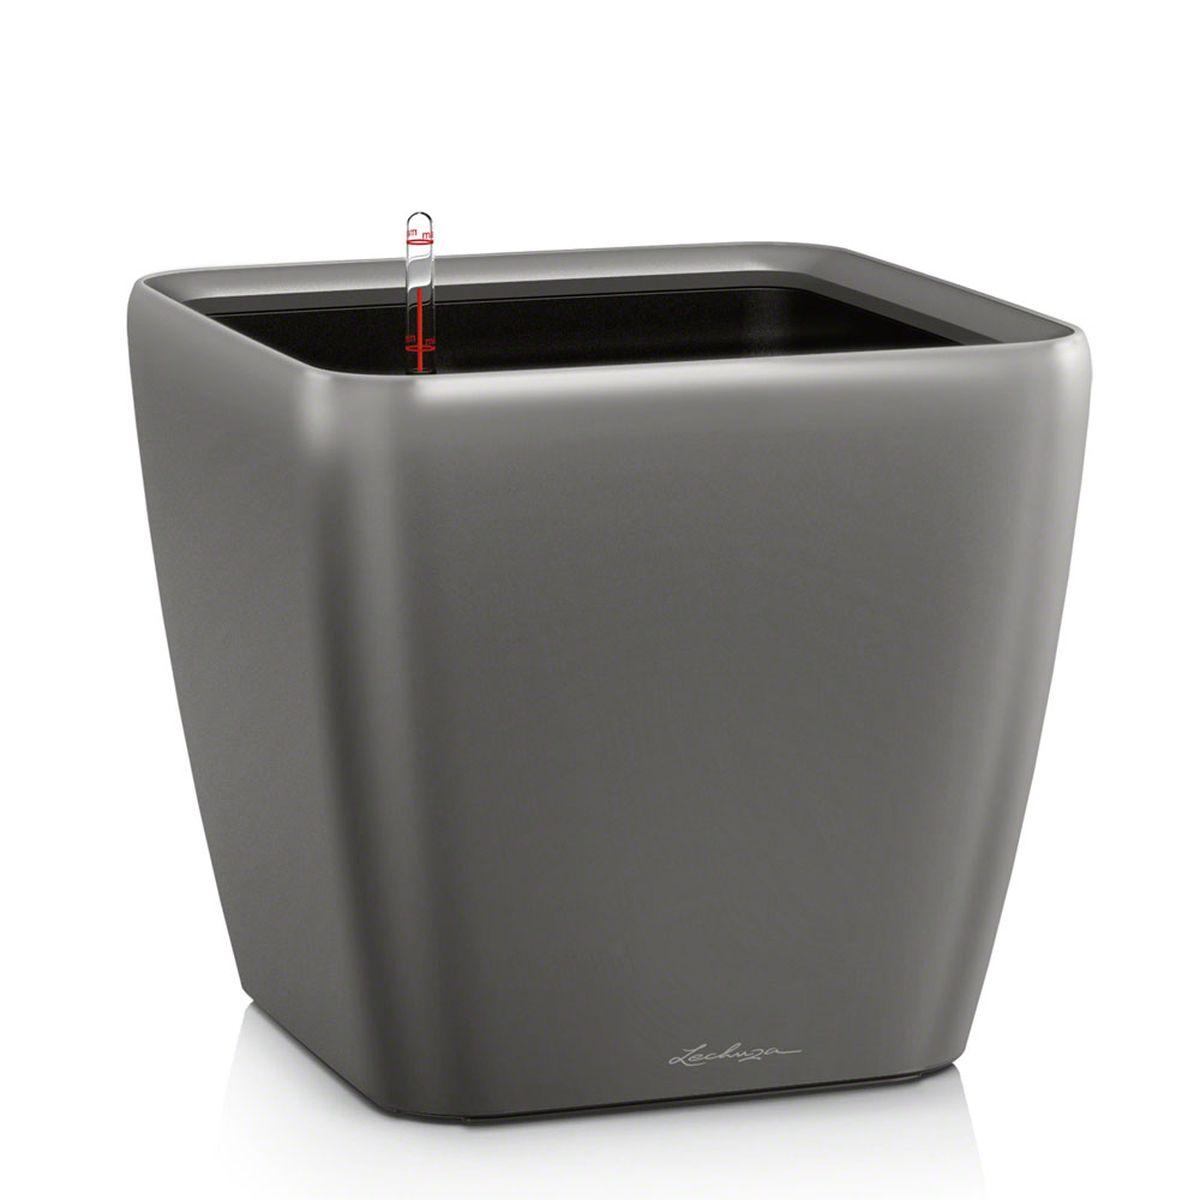 Кашпо Lechuza Quadro, с системой автополива, цвет: антрацит, 43 х 43 х 40 см16169Кашпо Lechuza Quadro, выполненное извысококачественного пластика, имеет уникальную системуавтополива, благодаря которой корневая система растениянепрерывно снабжается влагой из резервуара. Уровень водыв резервуаре контролируется с помощью специальногоиндикатора. В зависимости от размера кашпо и растенияводы хватает на 2-12 недель. Это способствует хорошему ростуцветов и предотвращает переувлажнение. В набор входит: кашпо, внутренний горшок, индикатор уровняводы, вал подачи воды, субстрат растений в качестведренажного слоя, резервуар для воды. Кашпо Lechuza Quadro прекрасно впишется в любойинтерьер. Оно поможет расставить нужные акценты, а такжепридаст помещению вид, соответствующий вашимпредставлениям.